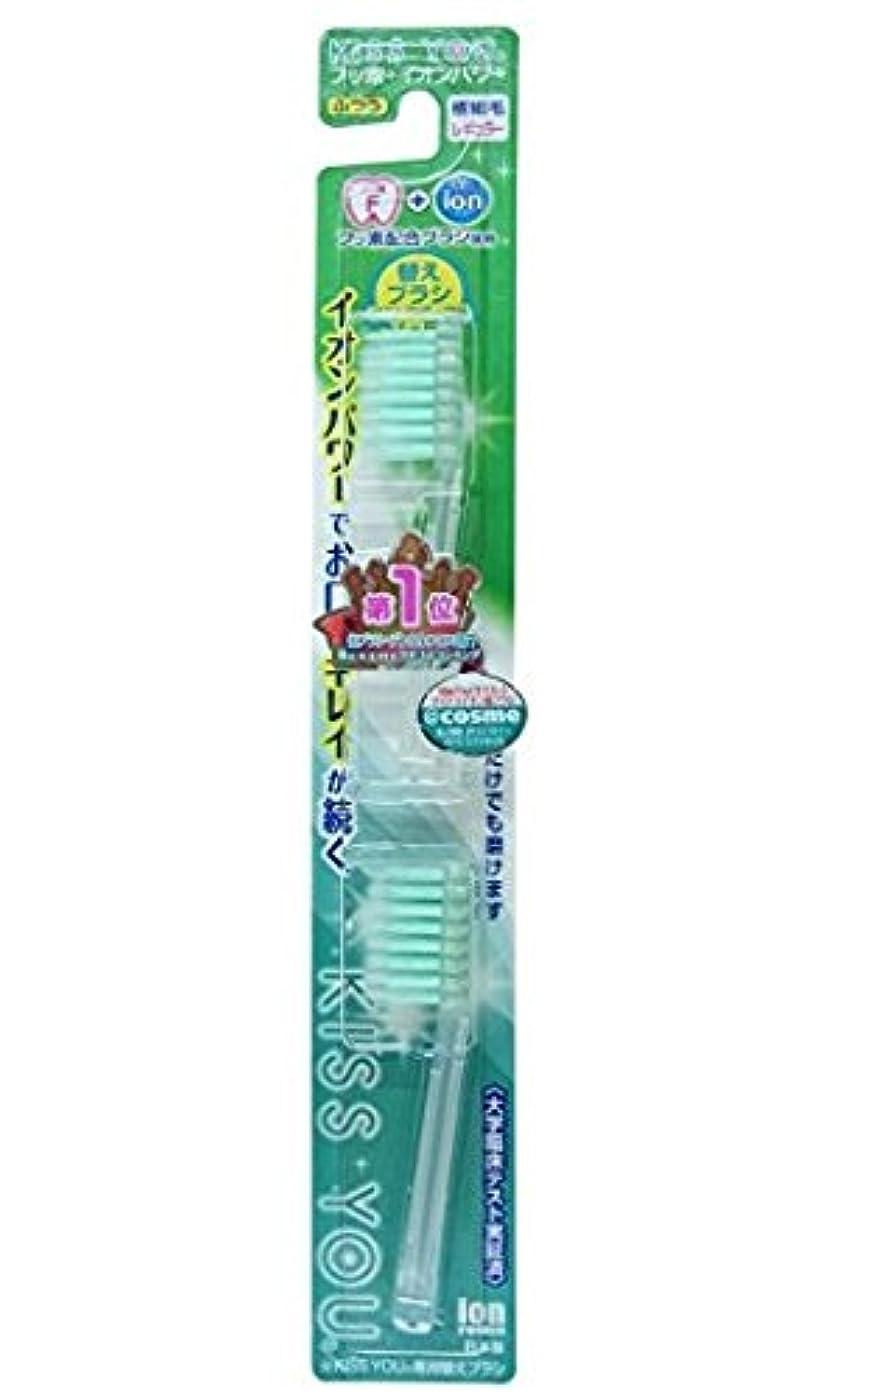 ビート同意する状況フッ素イオン歯ブラシ極細レギュラー替えブラシふつう × 10個セット